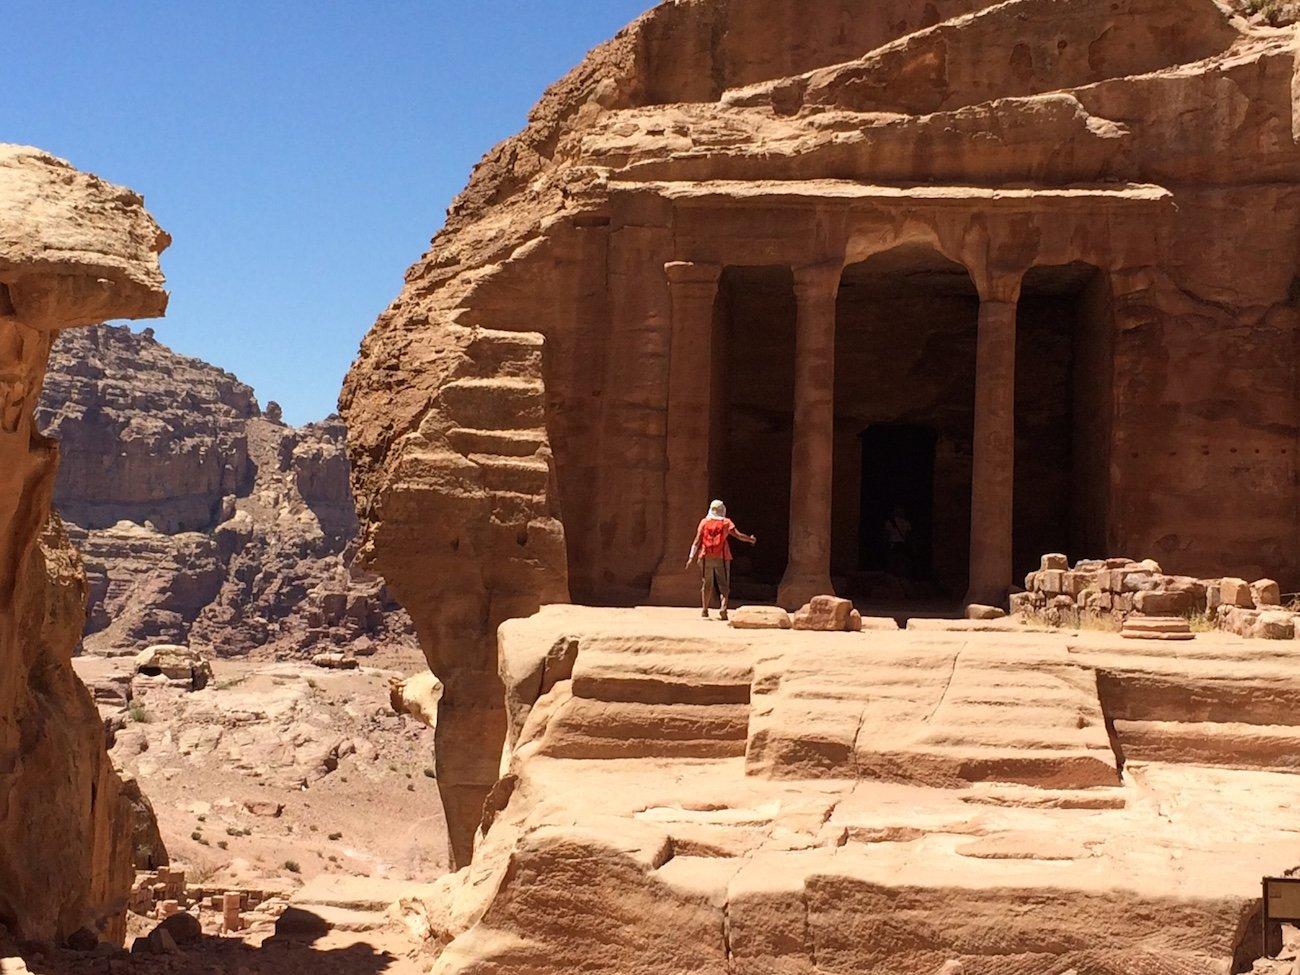 Student Jordan Petra Walking In Epic